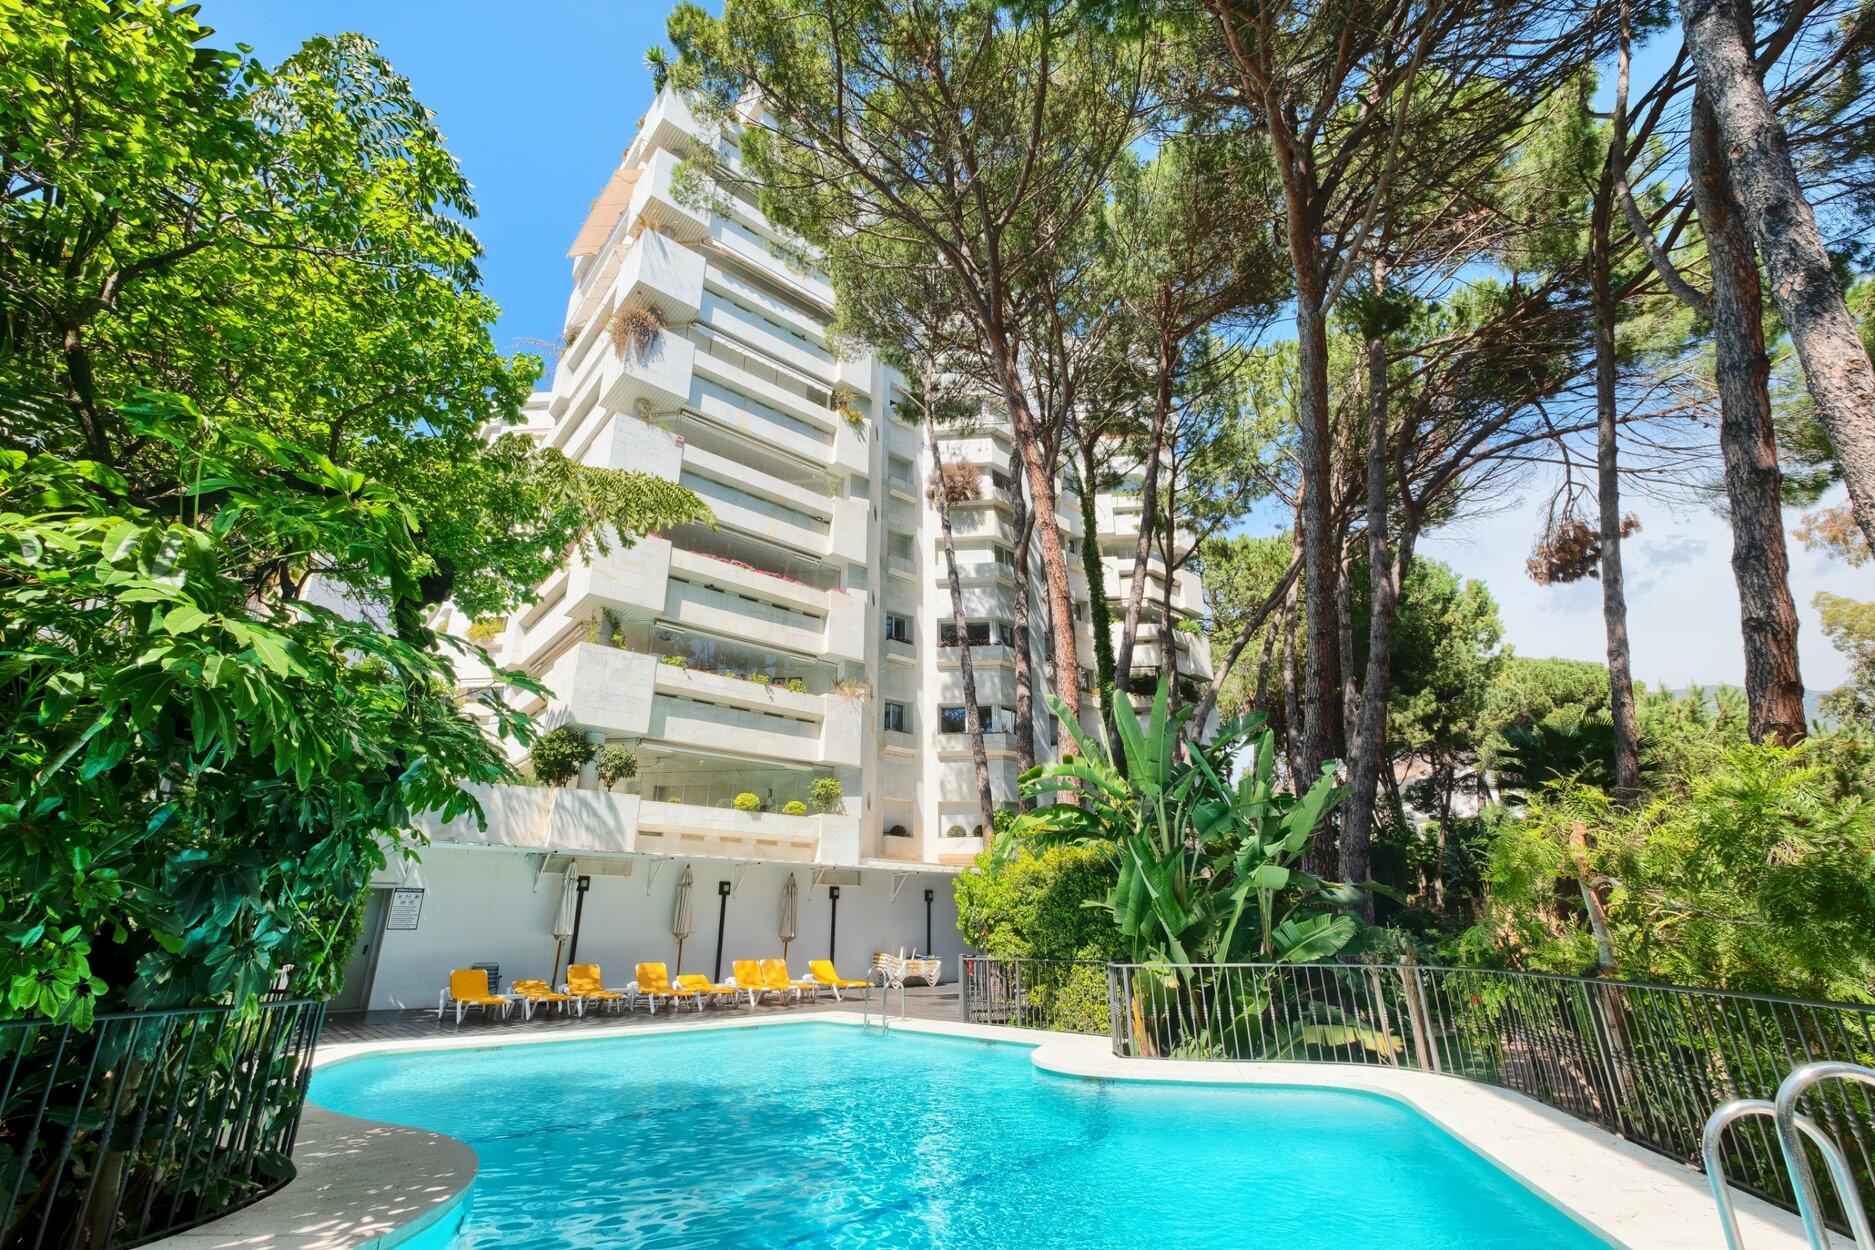 Apartment for sale in Marbella, Marbella Golden Mile